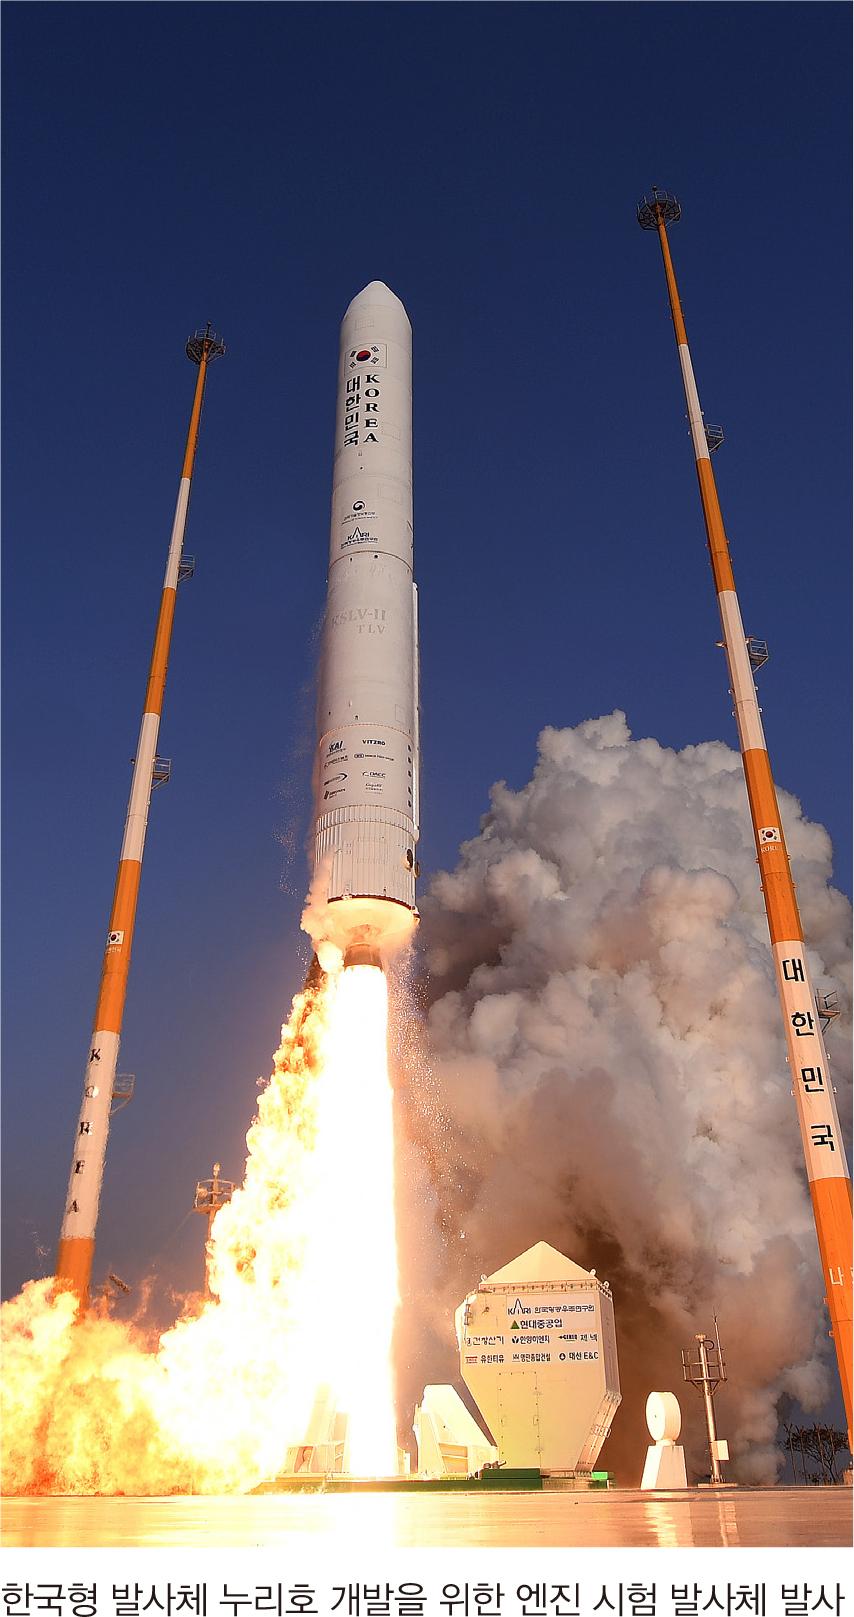 한국형 발사체 누리호 개발을 위한 엔진 시험 발사체 발사